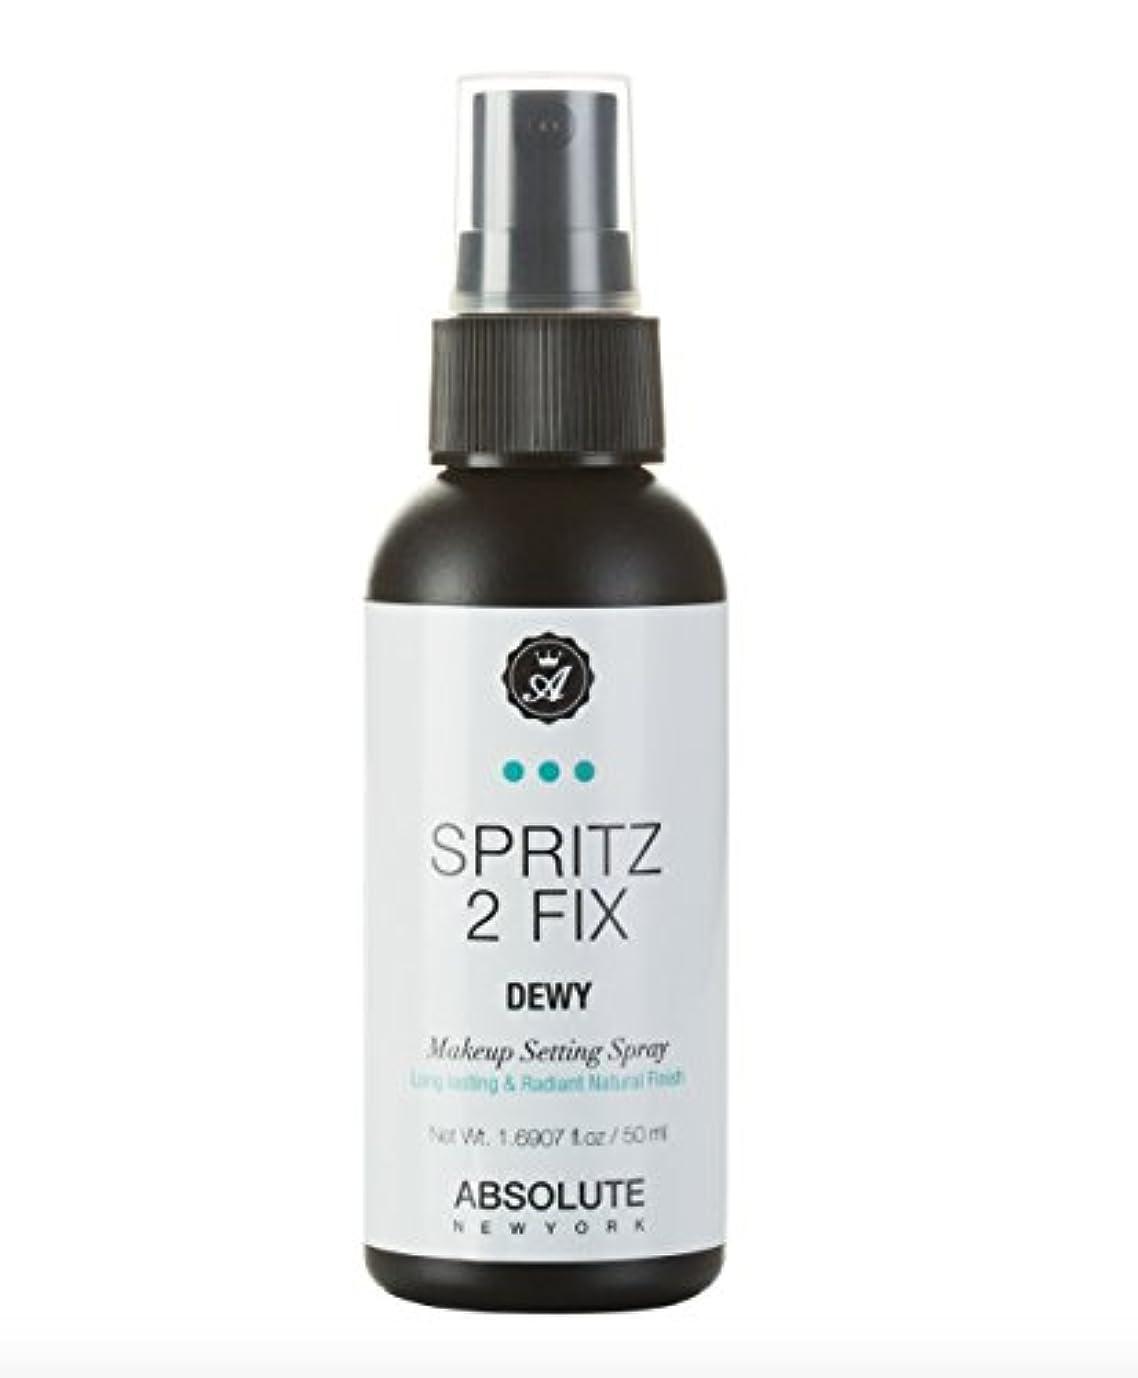 思想骨圧縮するABSOLUTE Spritz 2 Fix Spray - Dewy (並行輸入品)